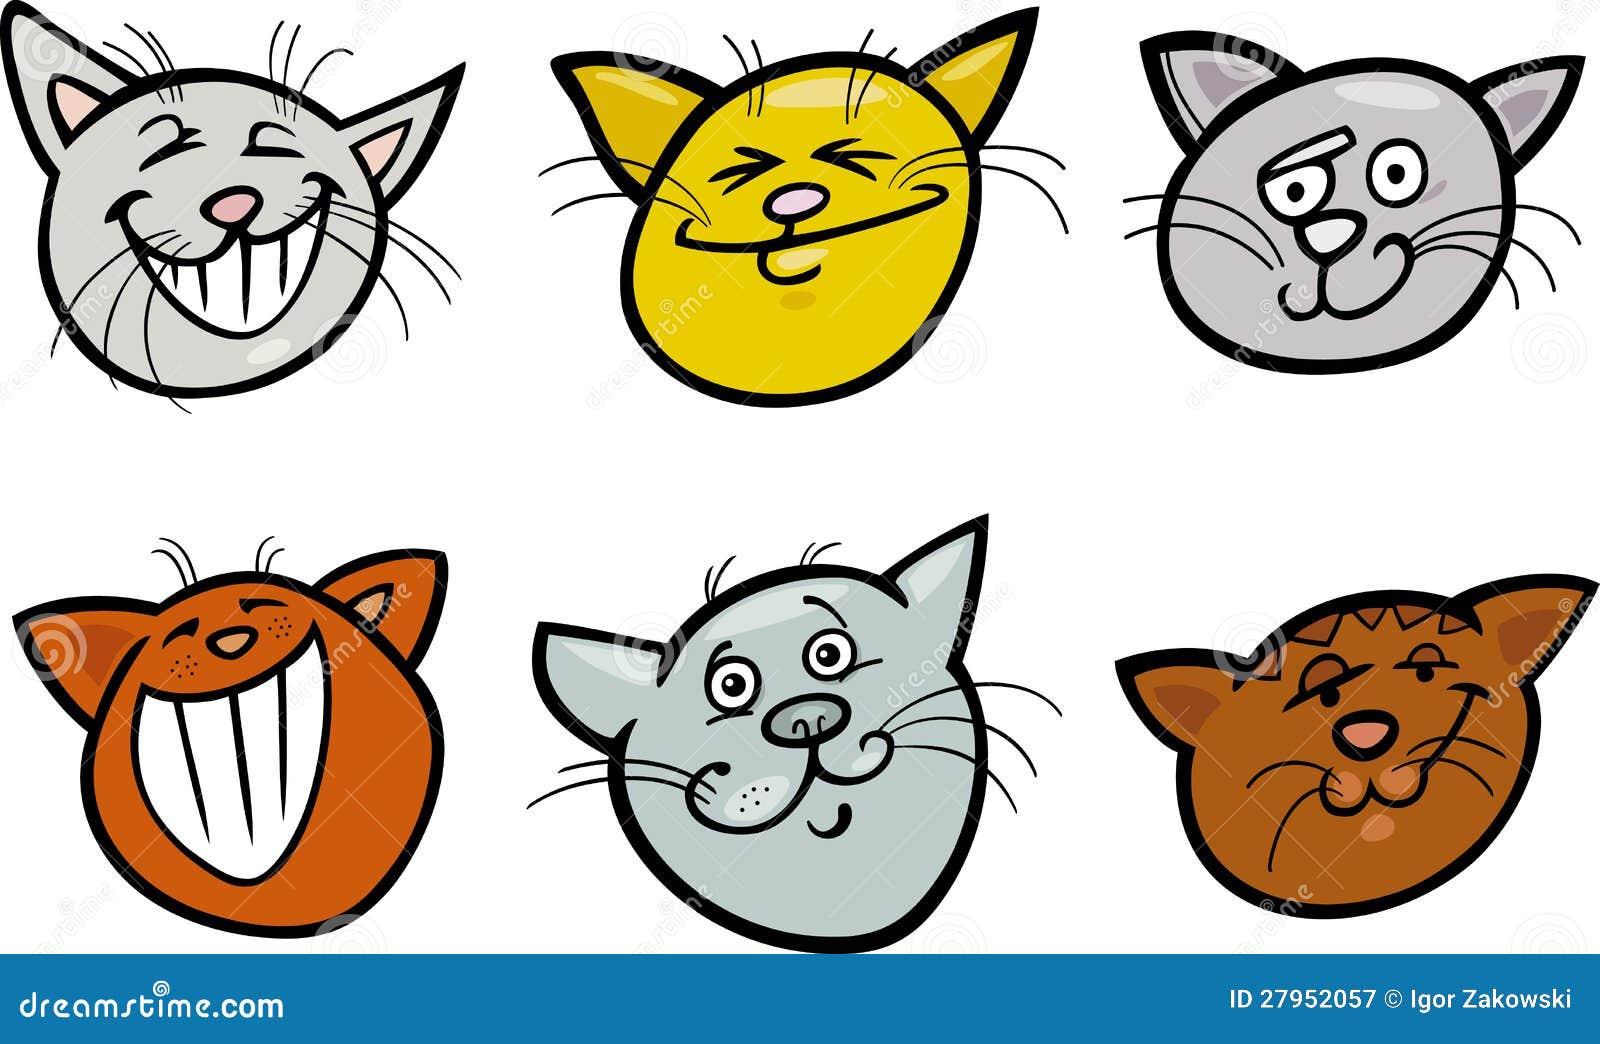 Cartoon Funny Cats Heads Set Royalty Free Stock ... Tabby Cat Cartoon Drawing